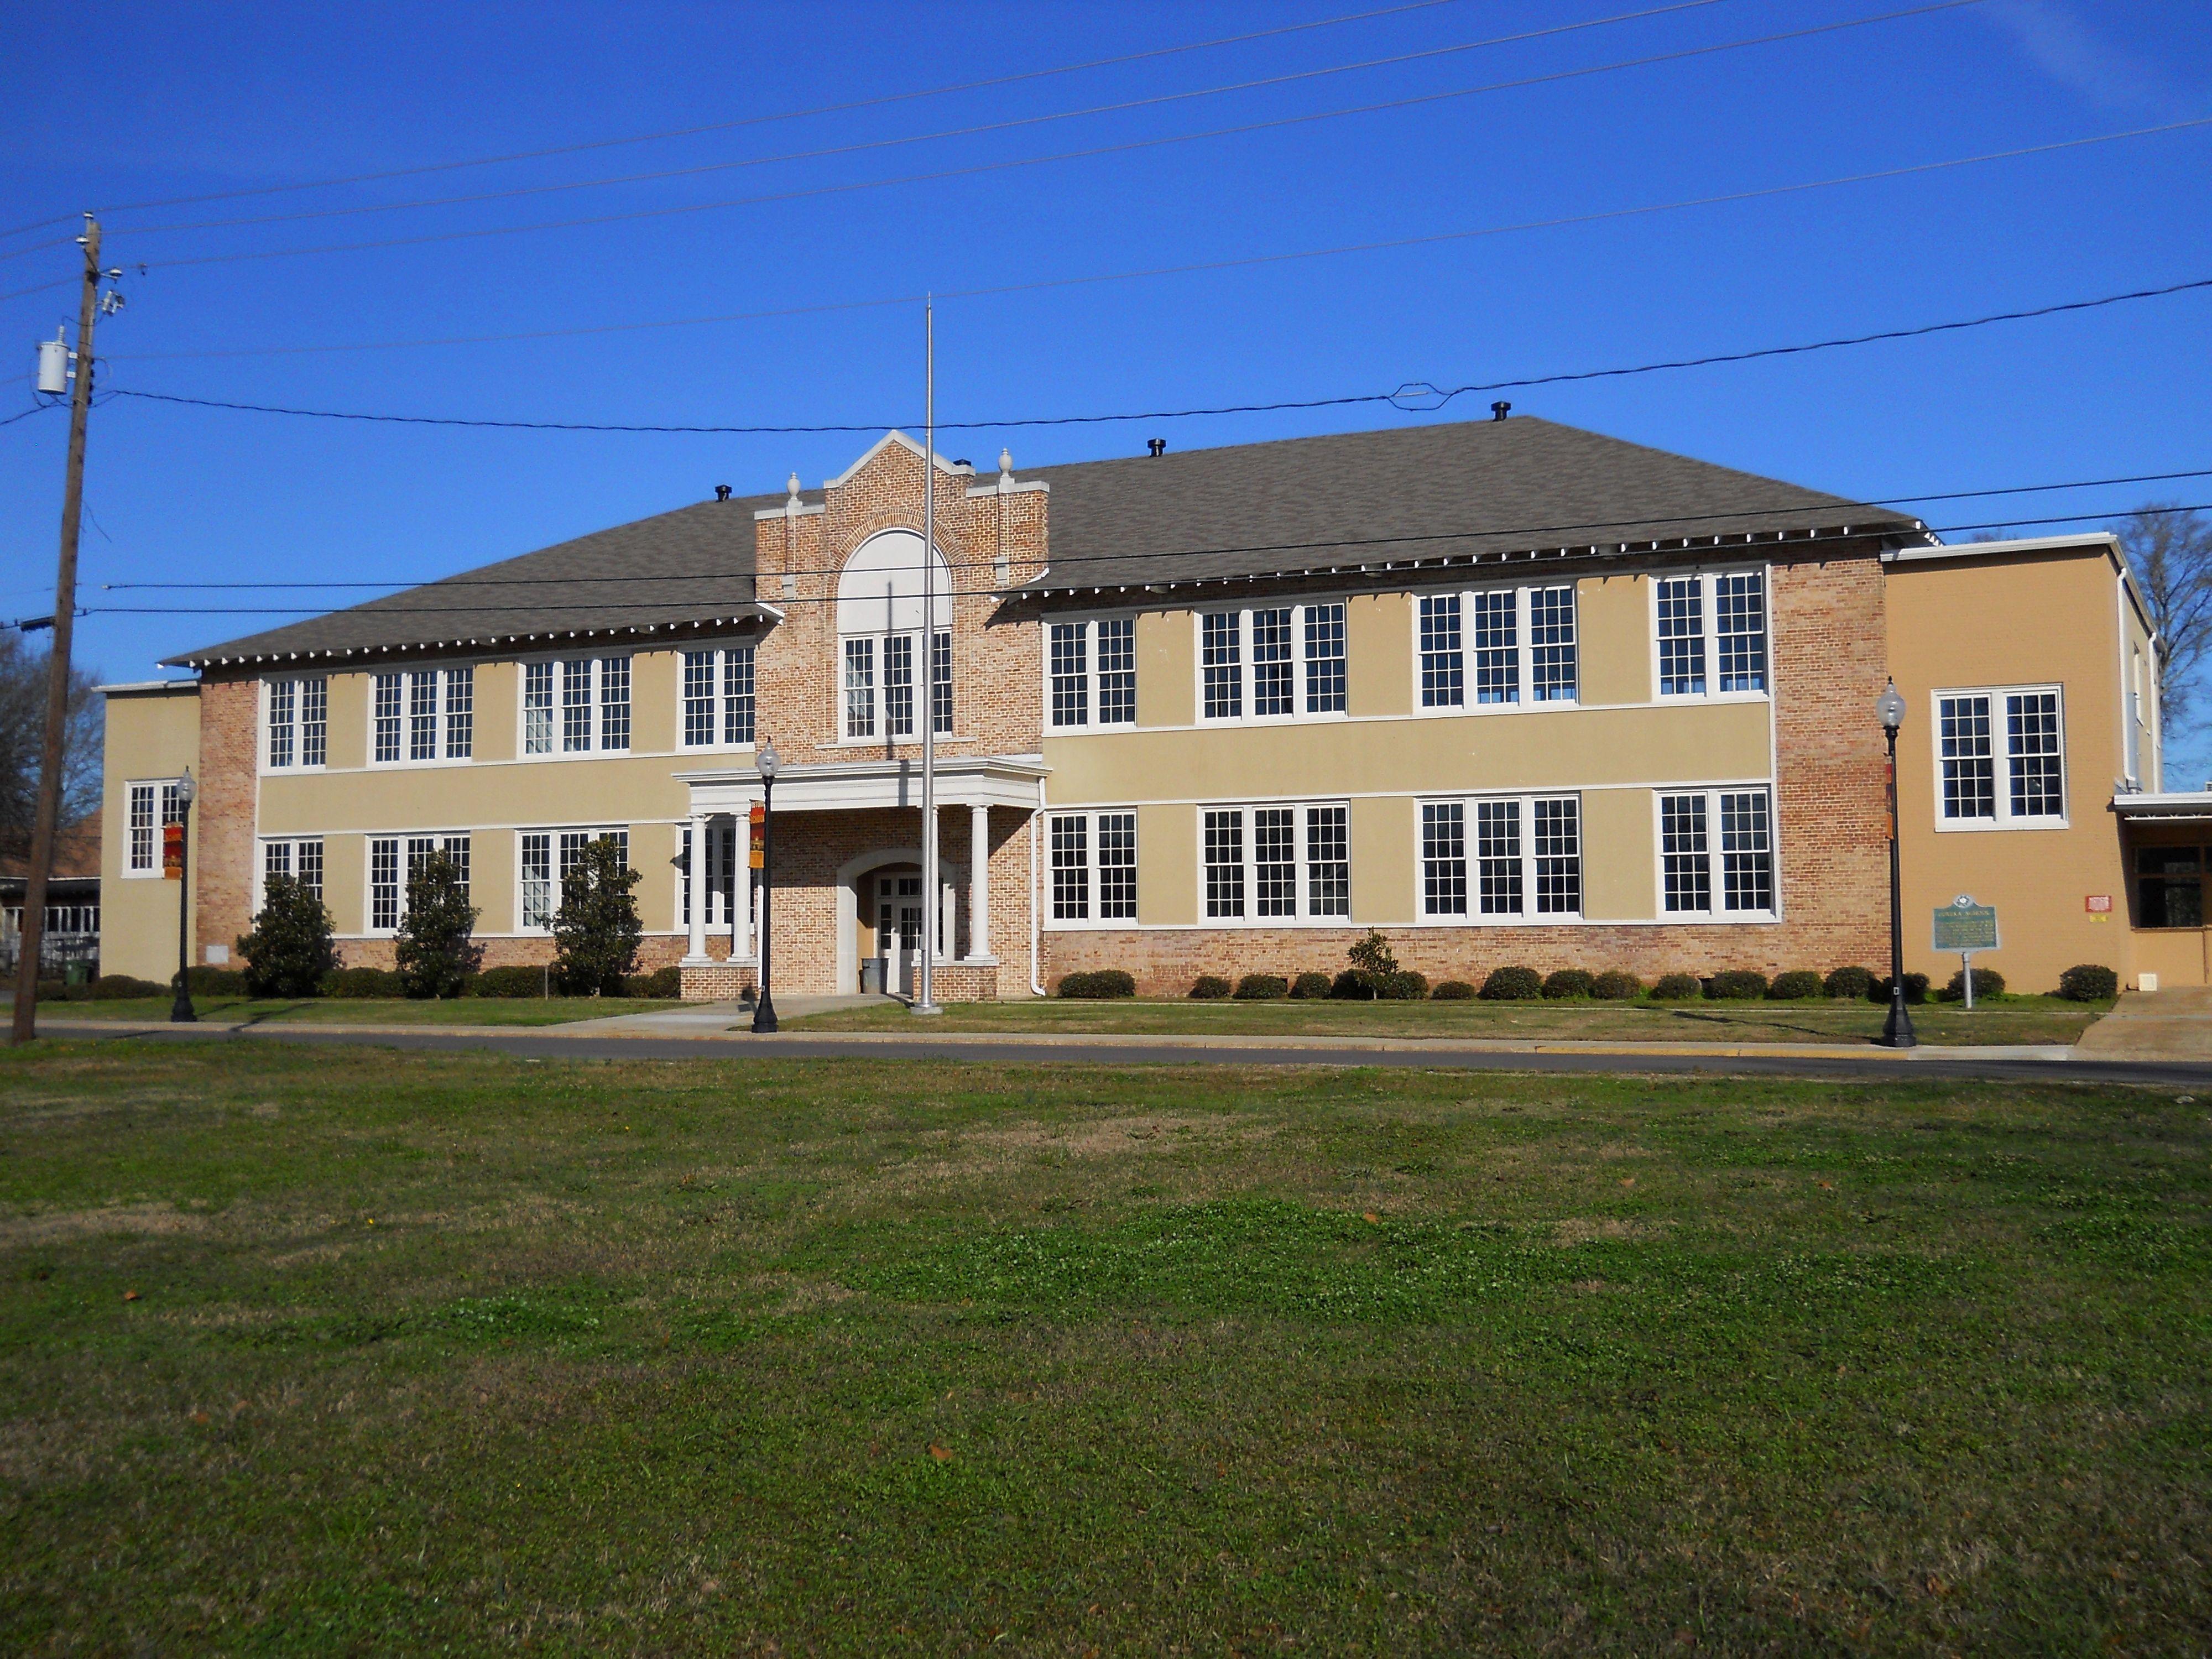 File:Eureka School (Hattiesburg, Mississippi) 2015.jpg ...